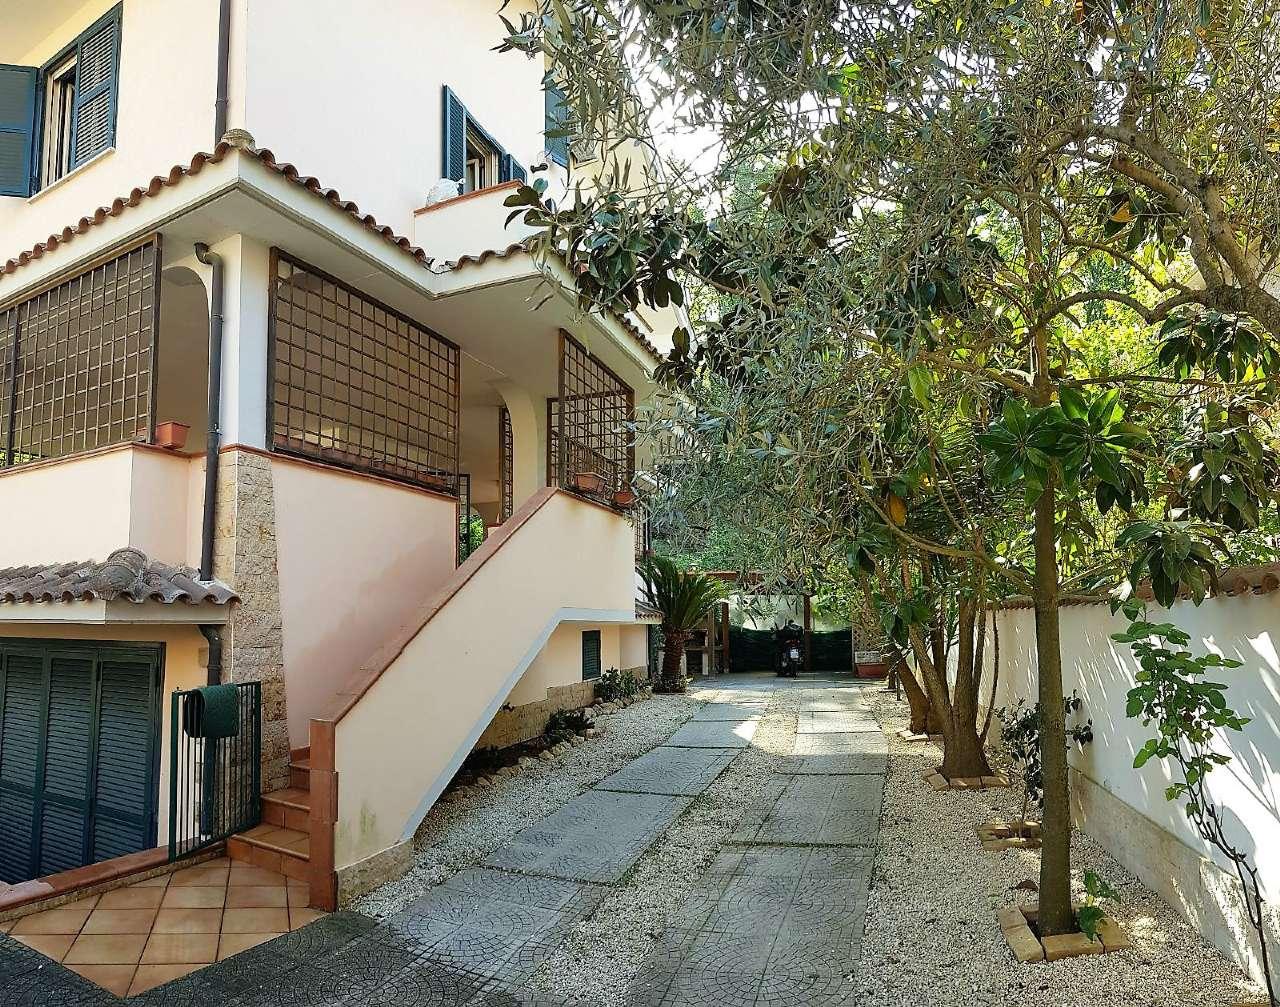 Villa in vendita a Roma, 10 locali, zona Zona: 41 . Castel di Guido - Casalotti - Valle Santa, prezzo € 385.000   CambioCasa.it